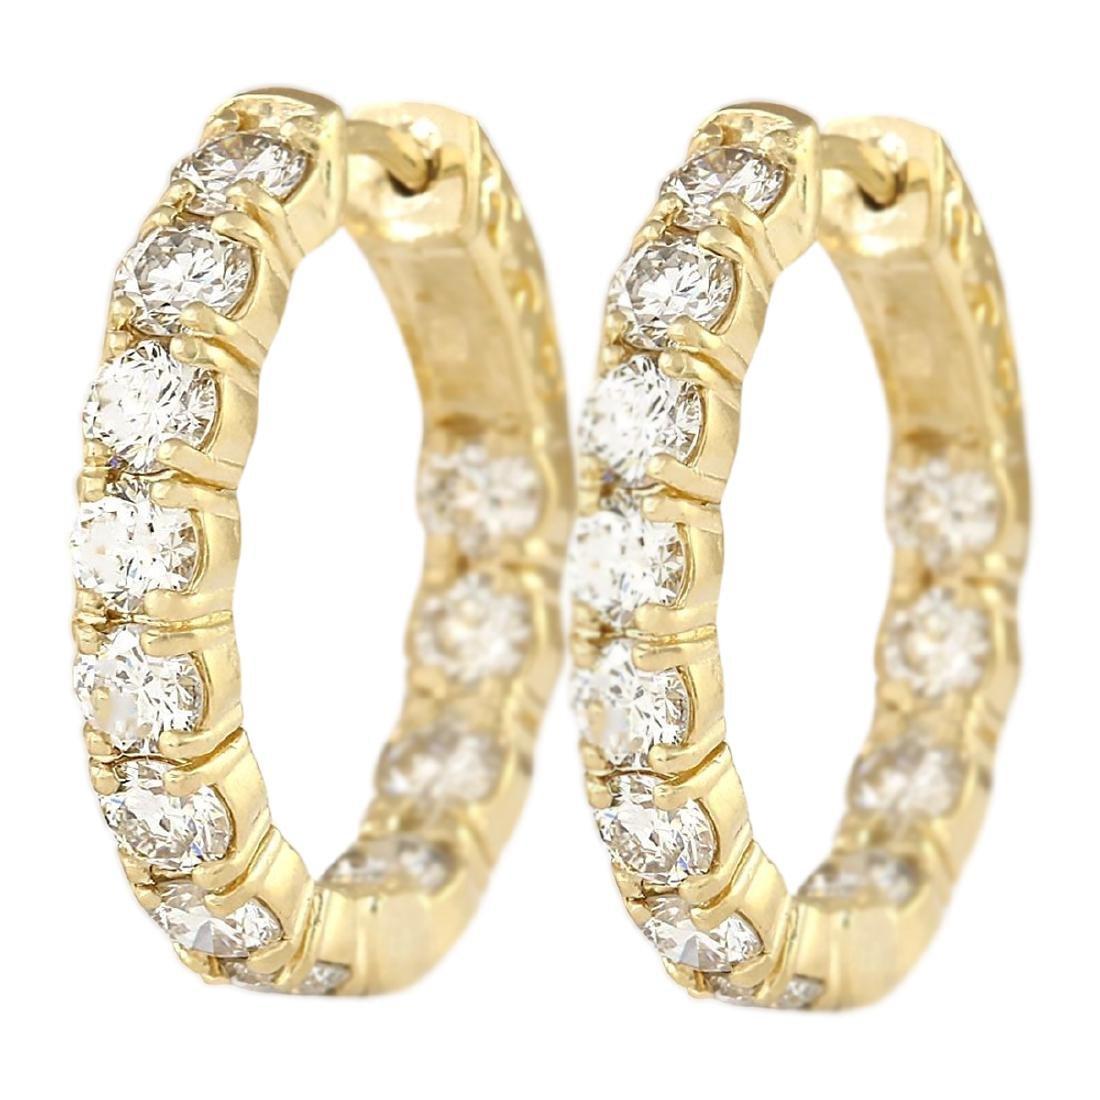 3.25 CTW Natural Diamond Hoop Earrings 18K Solid Yellow